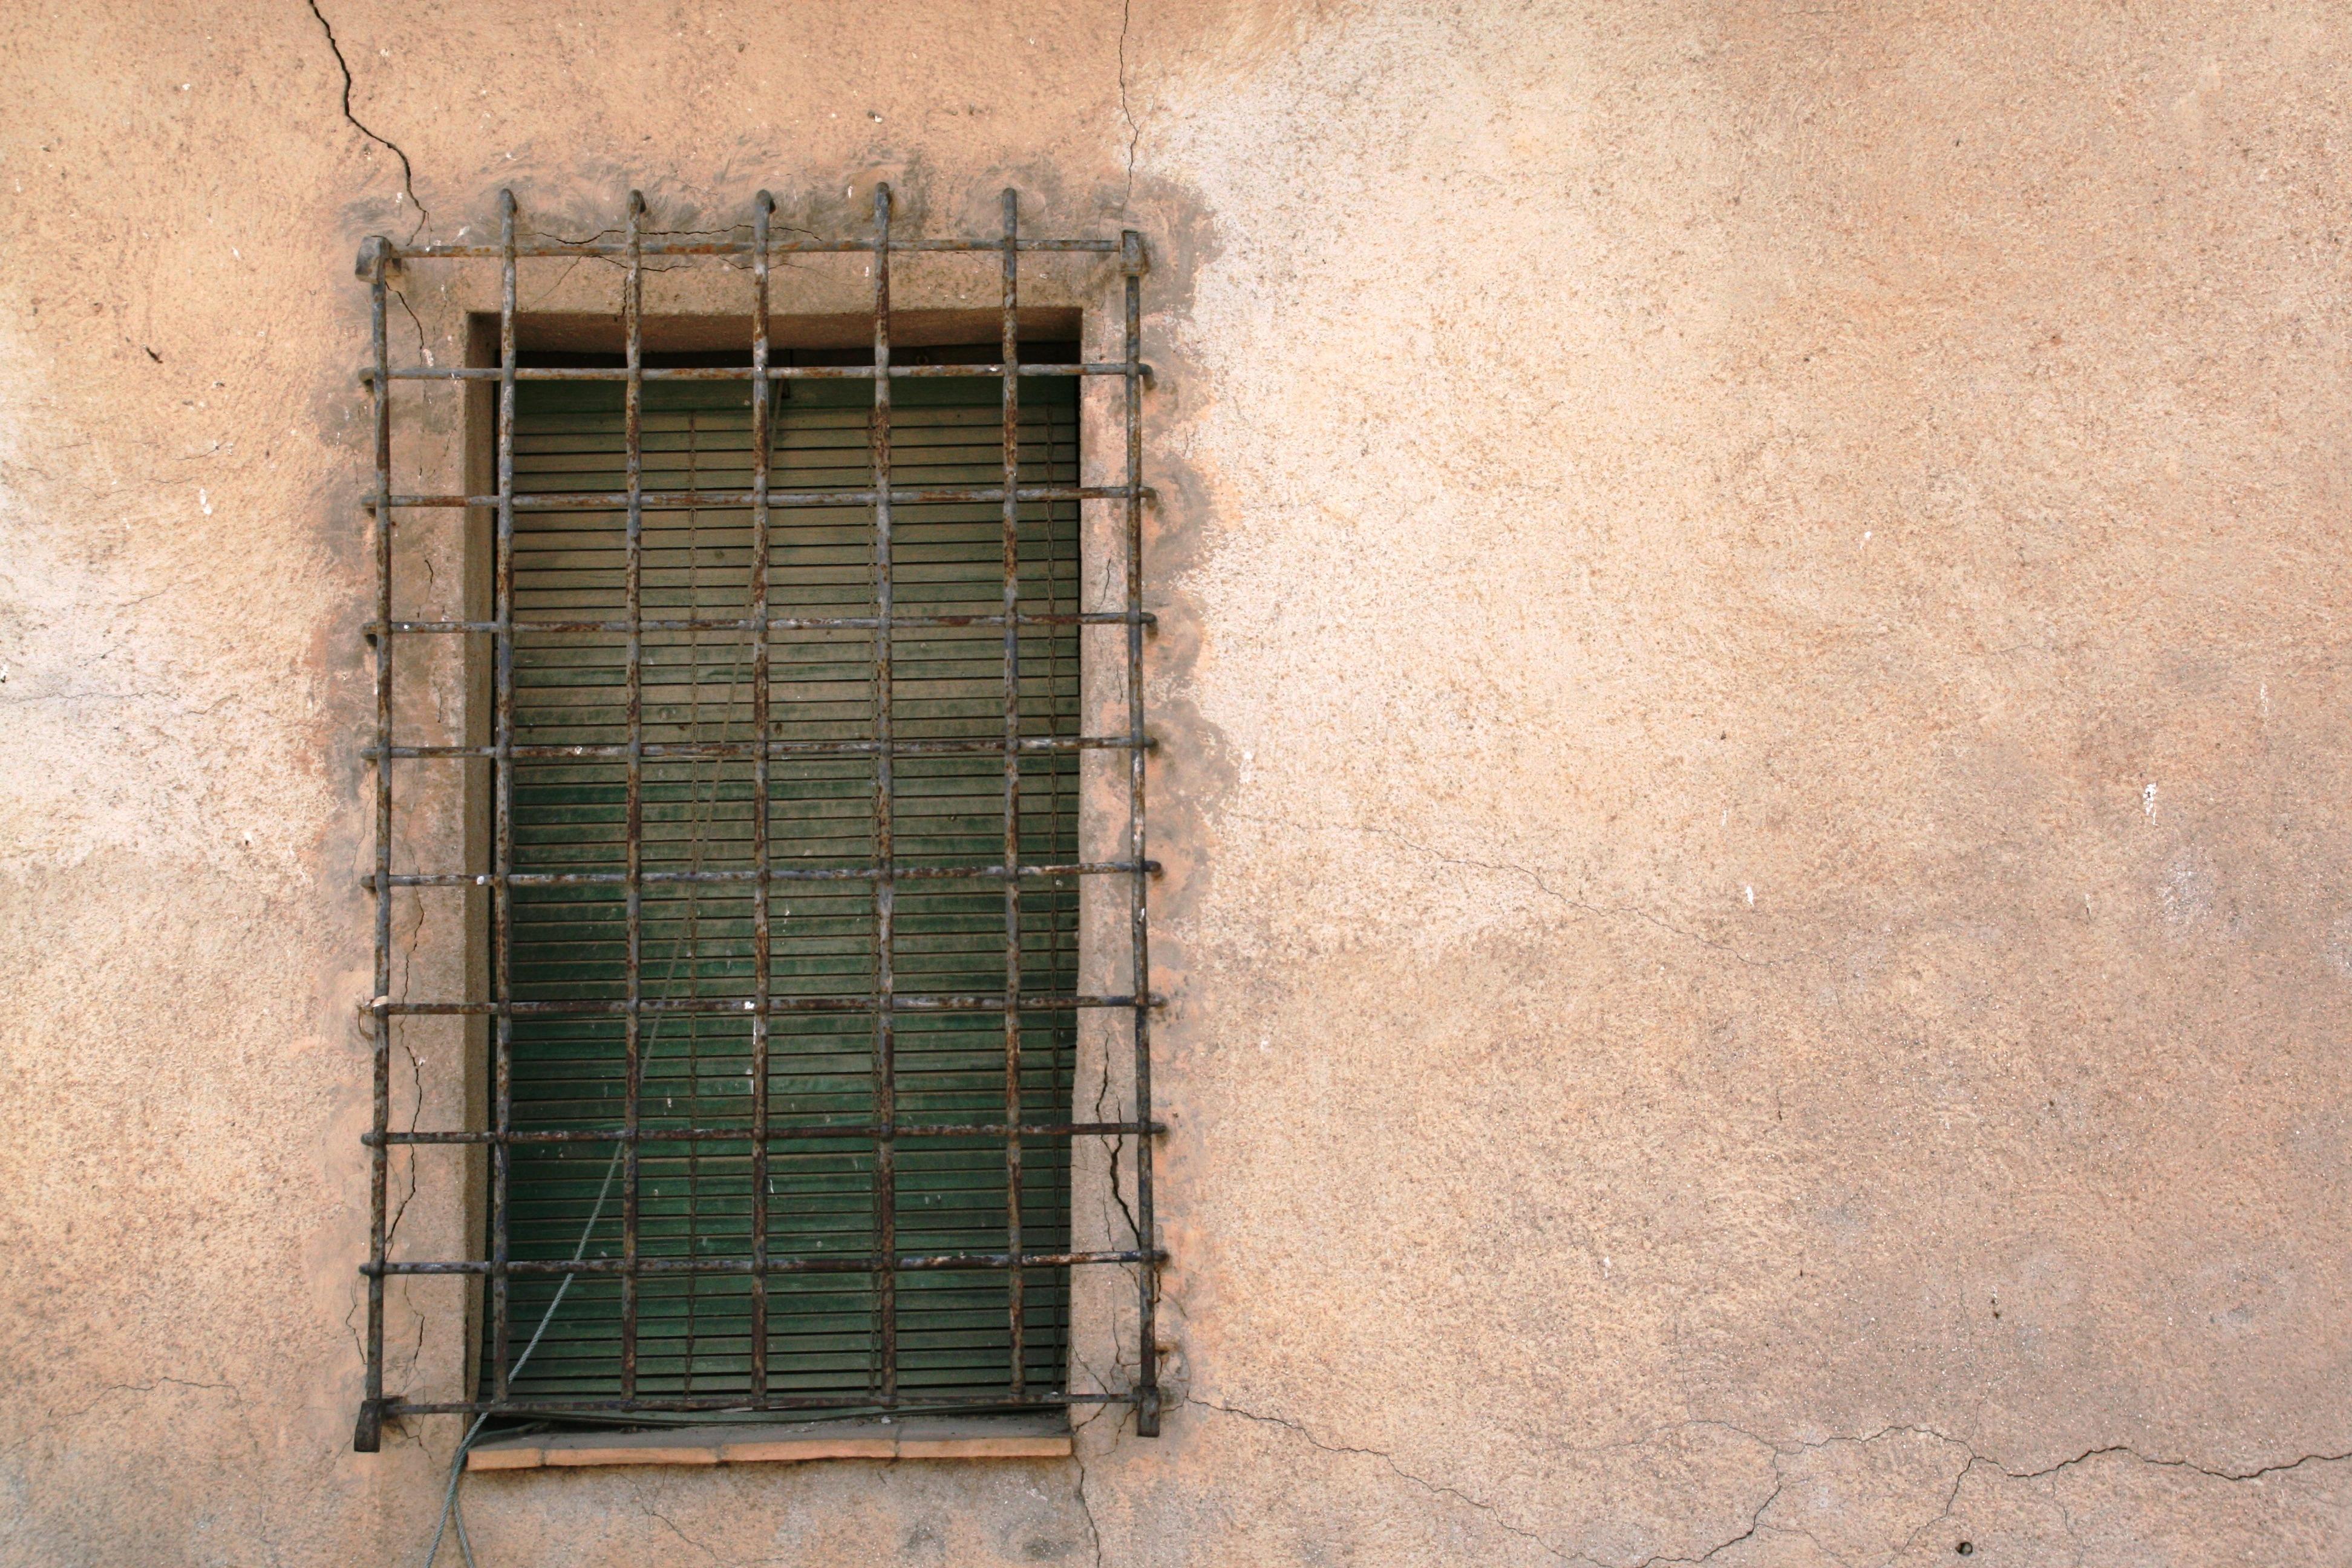 Kostenlose foto : Holz, Stock, Fenster, Mauer, Ländlichen, Fassade ...